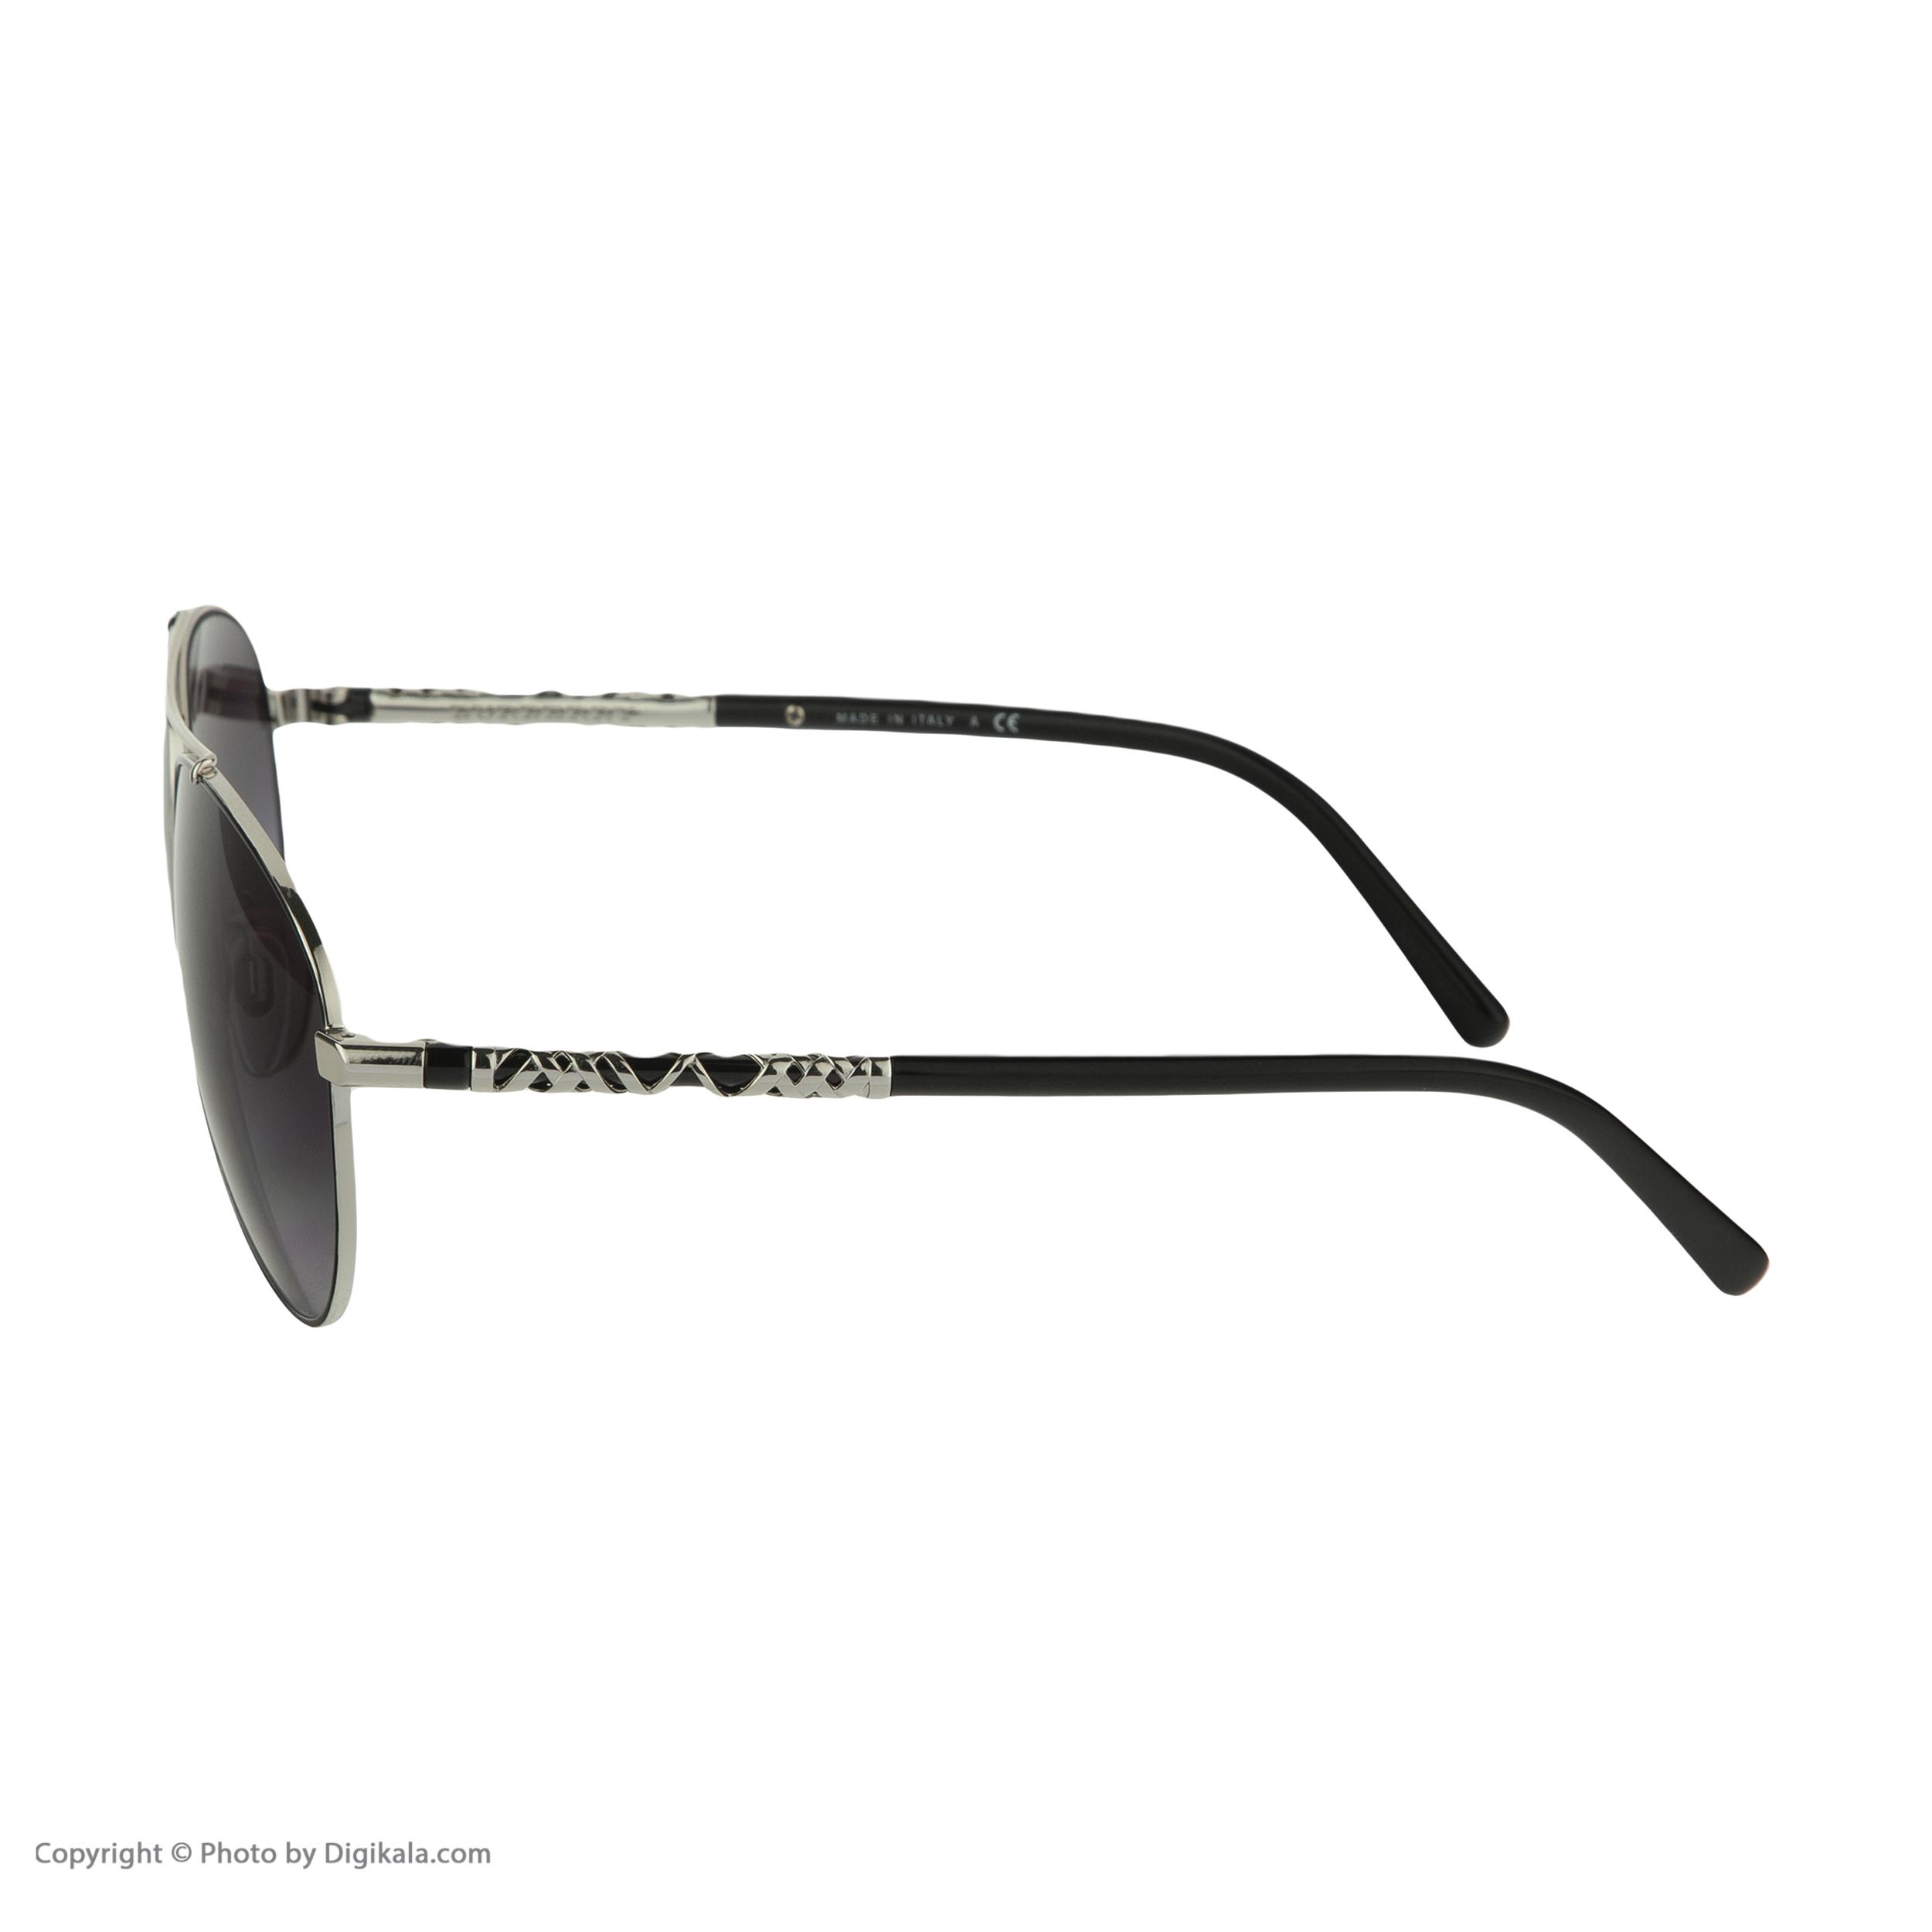 عینک آفتابی زنانه بربری مدل BE 3089S 10058G 58 -  - 6